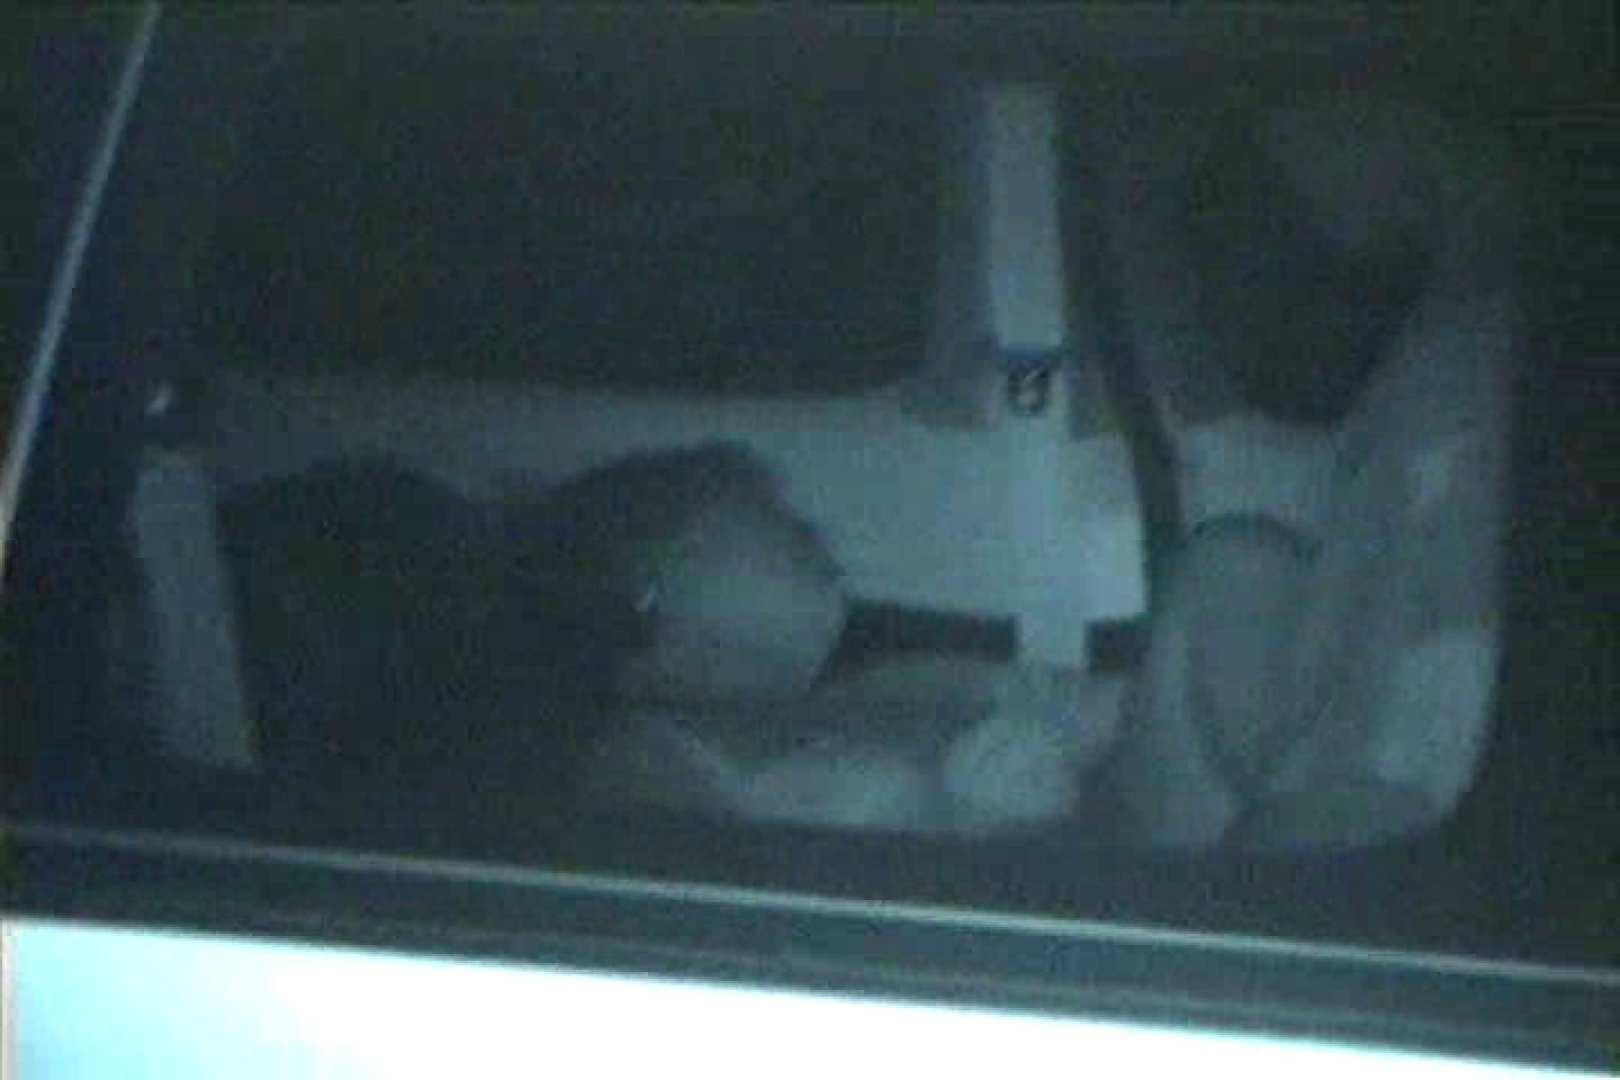 車の中はラブホテル 無修正版  Vol.24 美女OL われめAV動画紹介 25連発 23